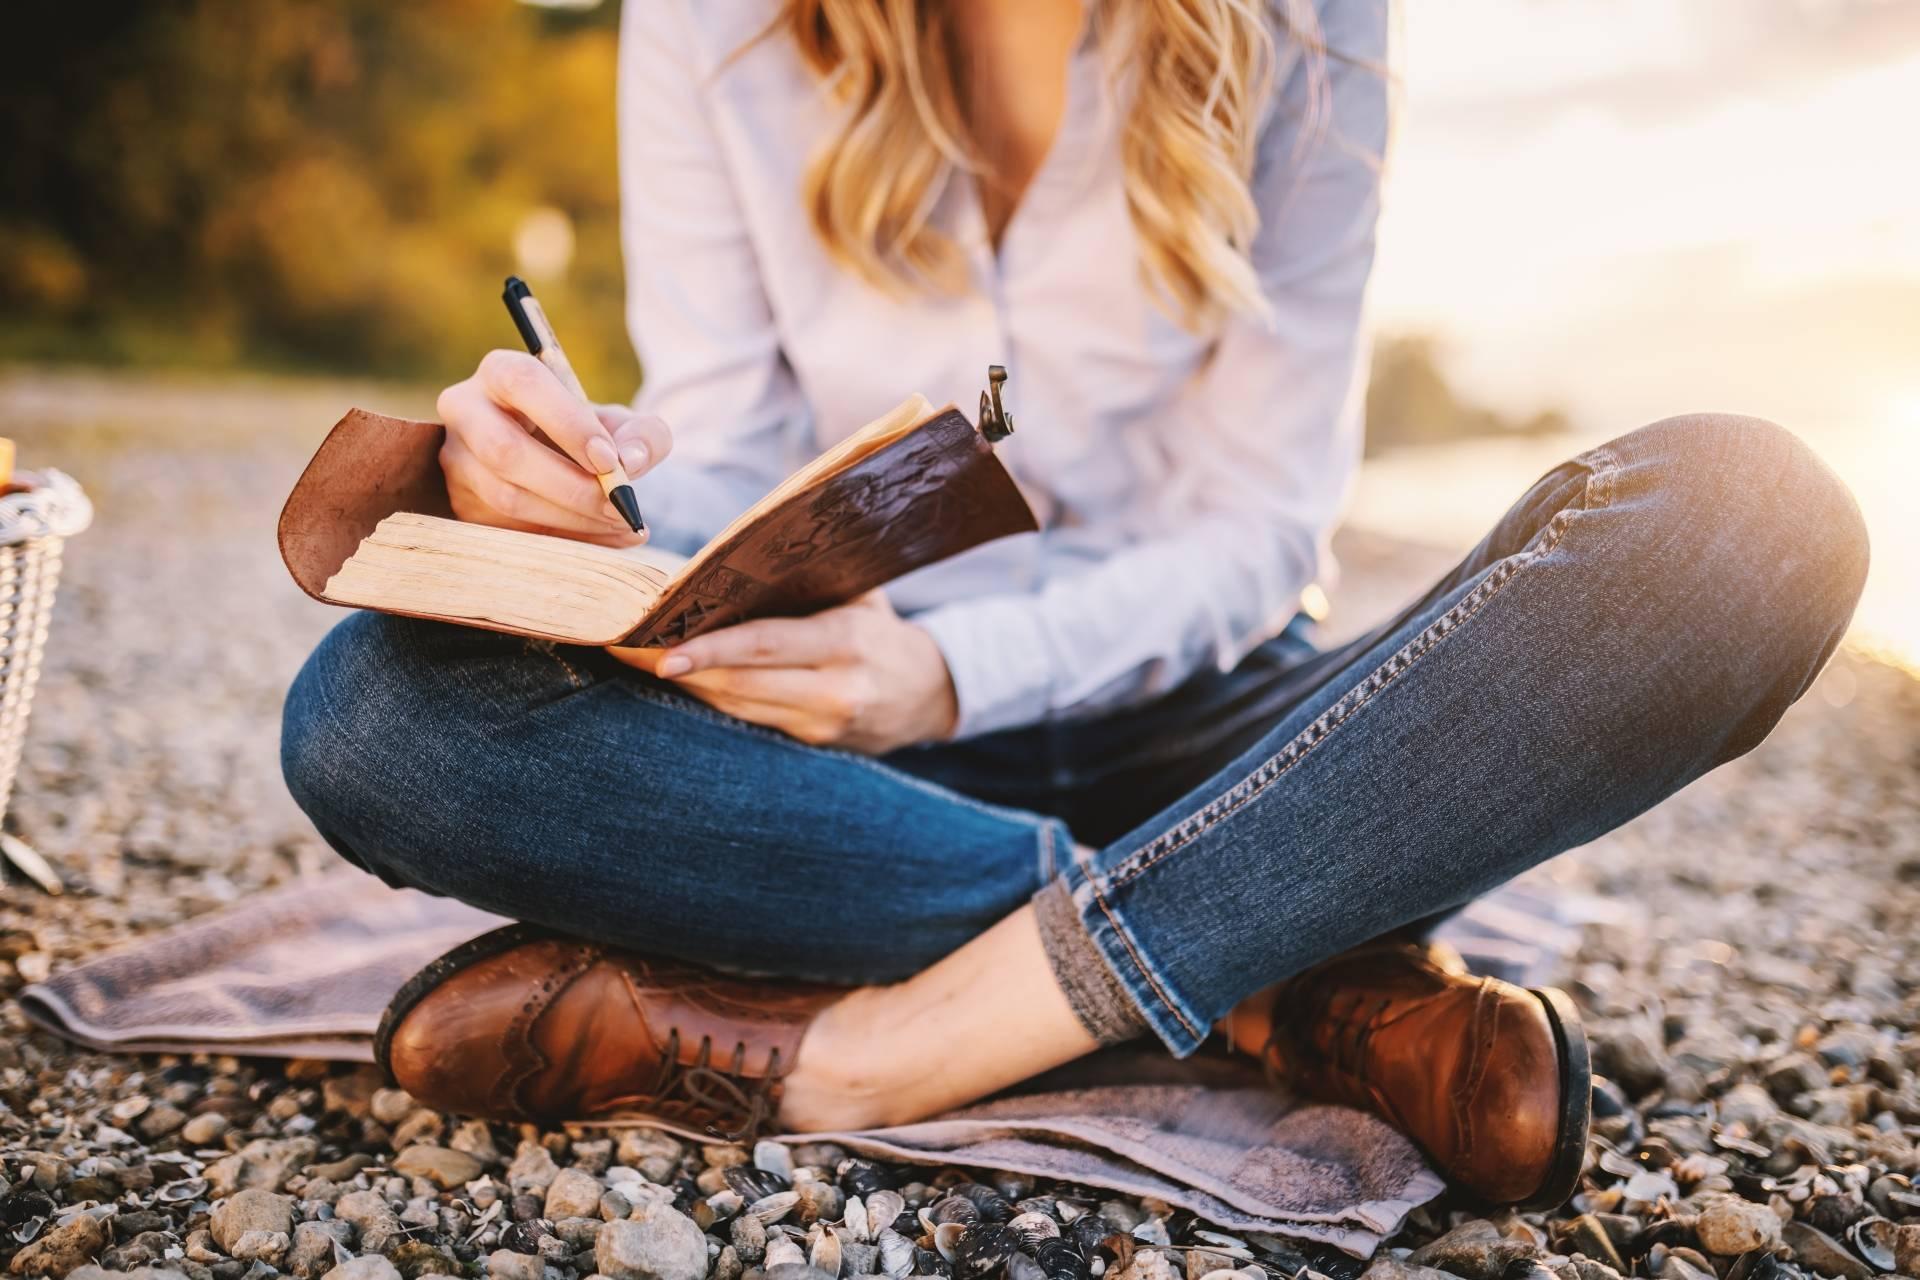 Dziennik wdzięczności w ramach medytacji wdzięczności. Młoda kobieta w koszuli z kołnierzykiem, jeansach i eleganckich mokasynach siedzi na plaży i robi notatki w dzienniku.